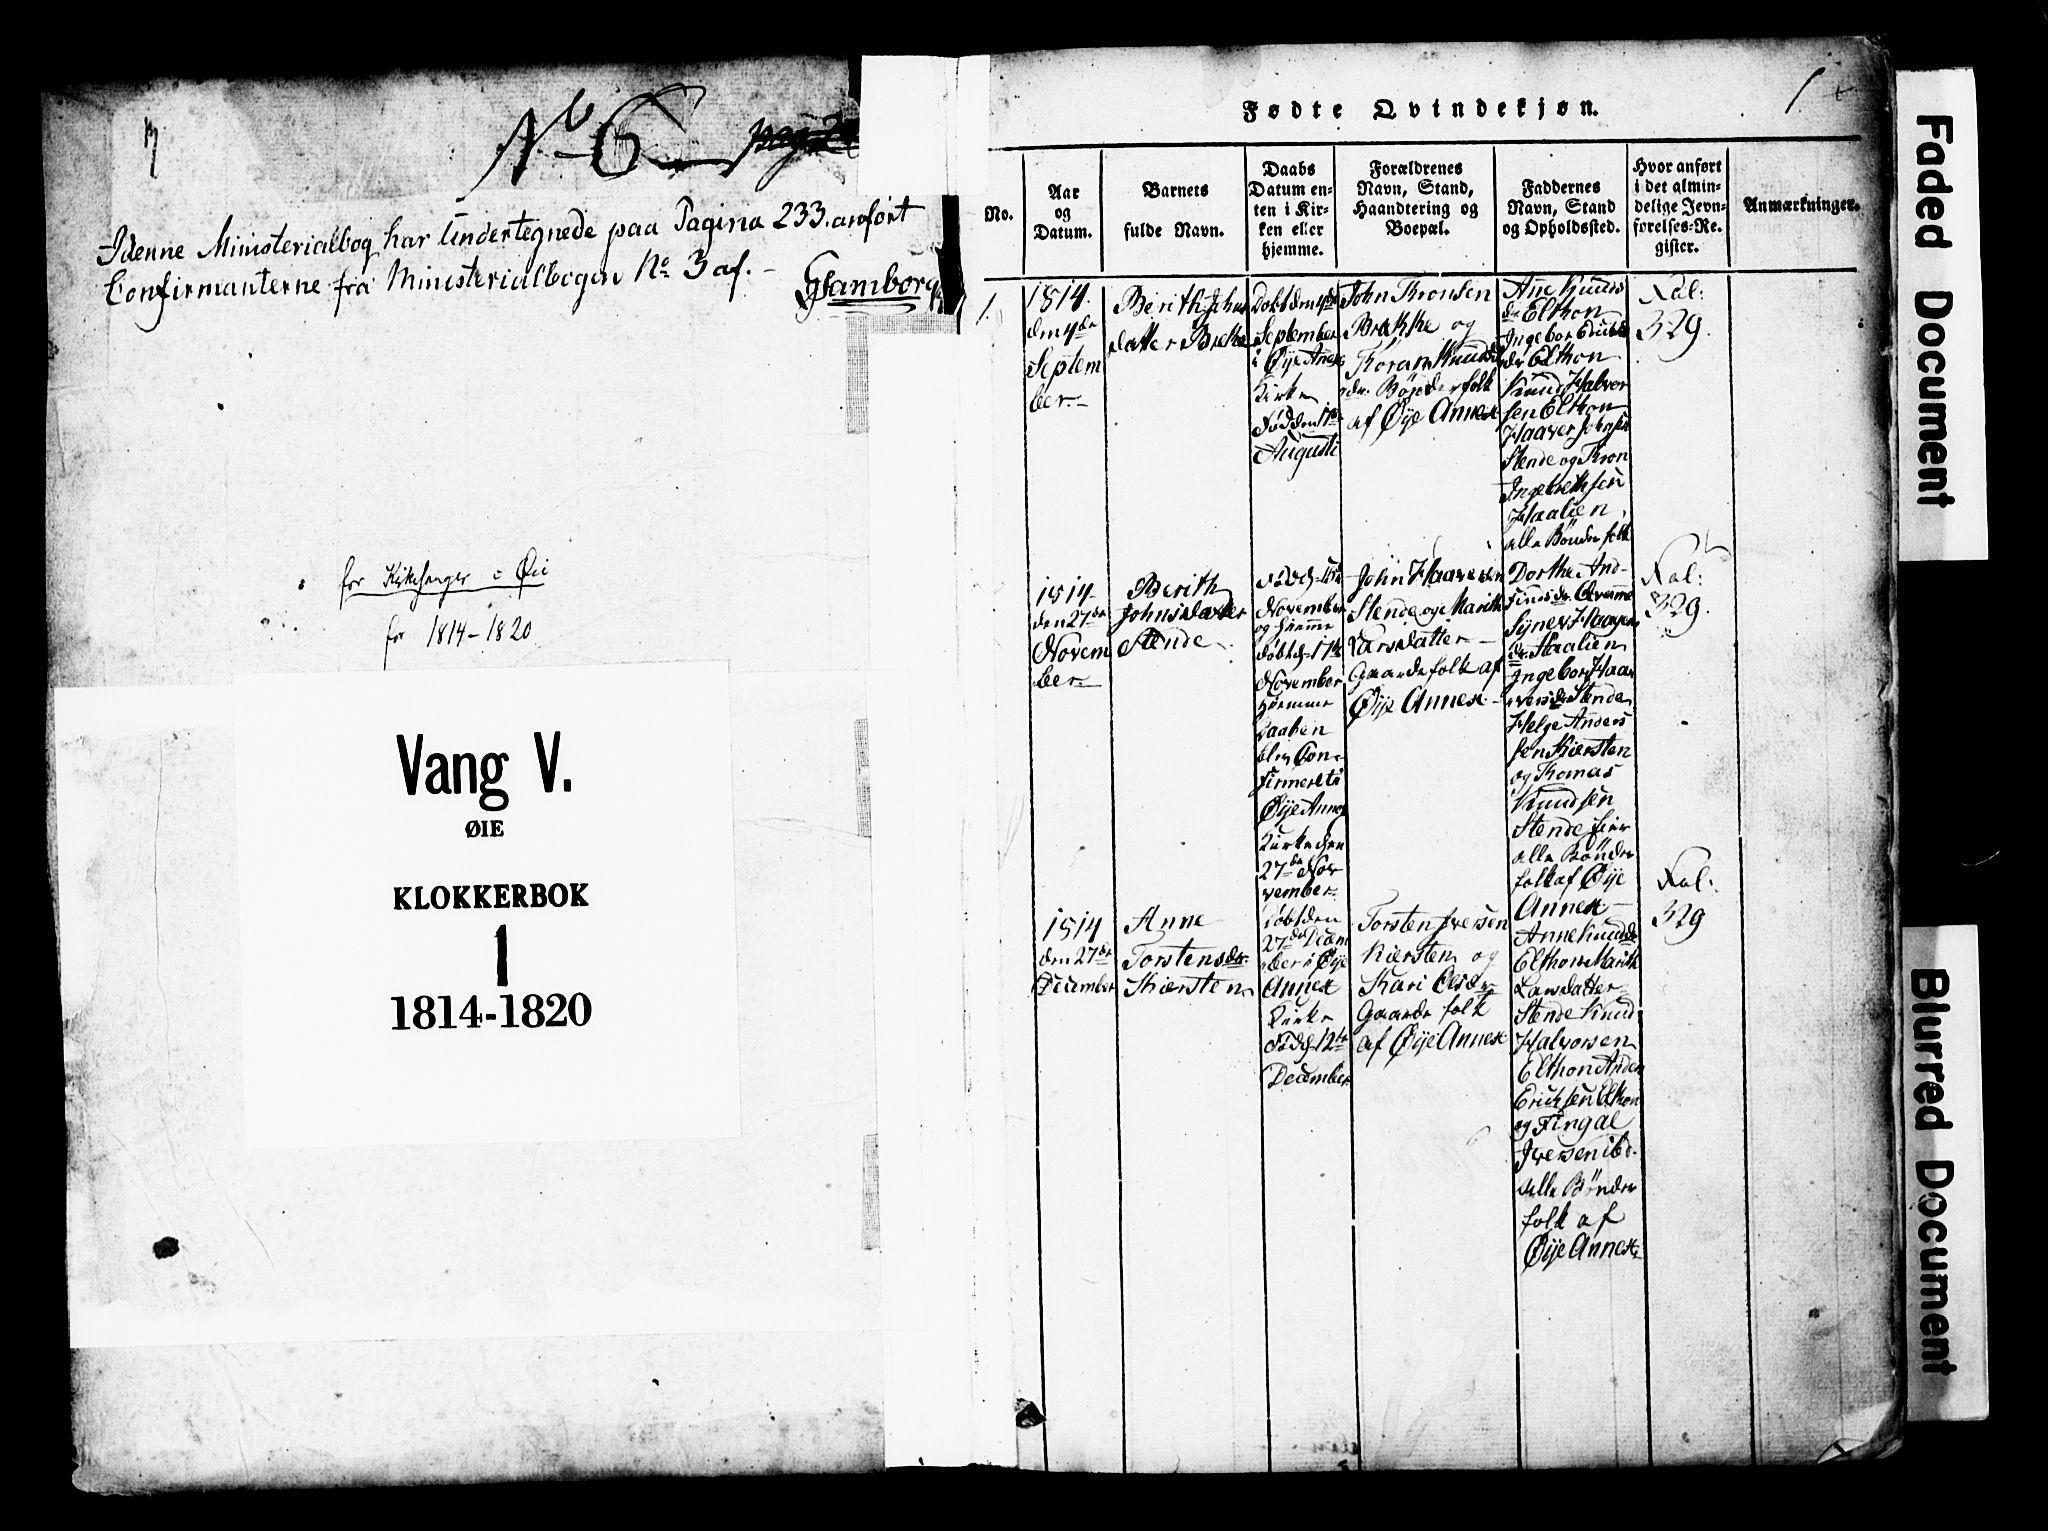 SAH, Vang prestekontor, Valdres, Klokkerbok nr. 1, 1814-1820